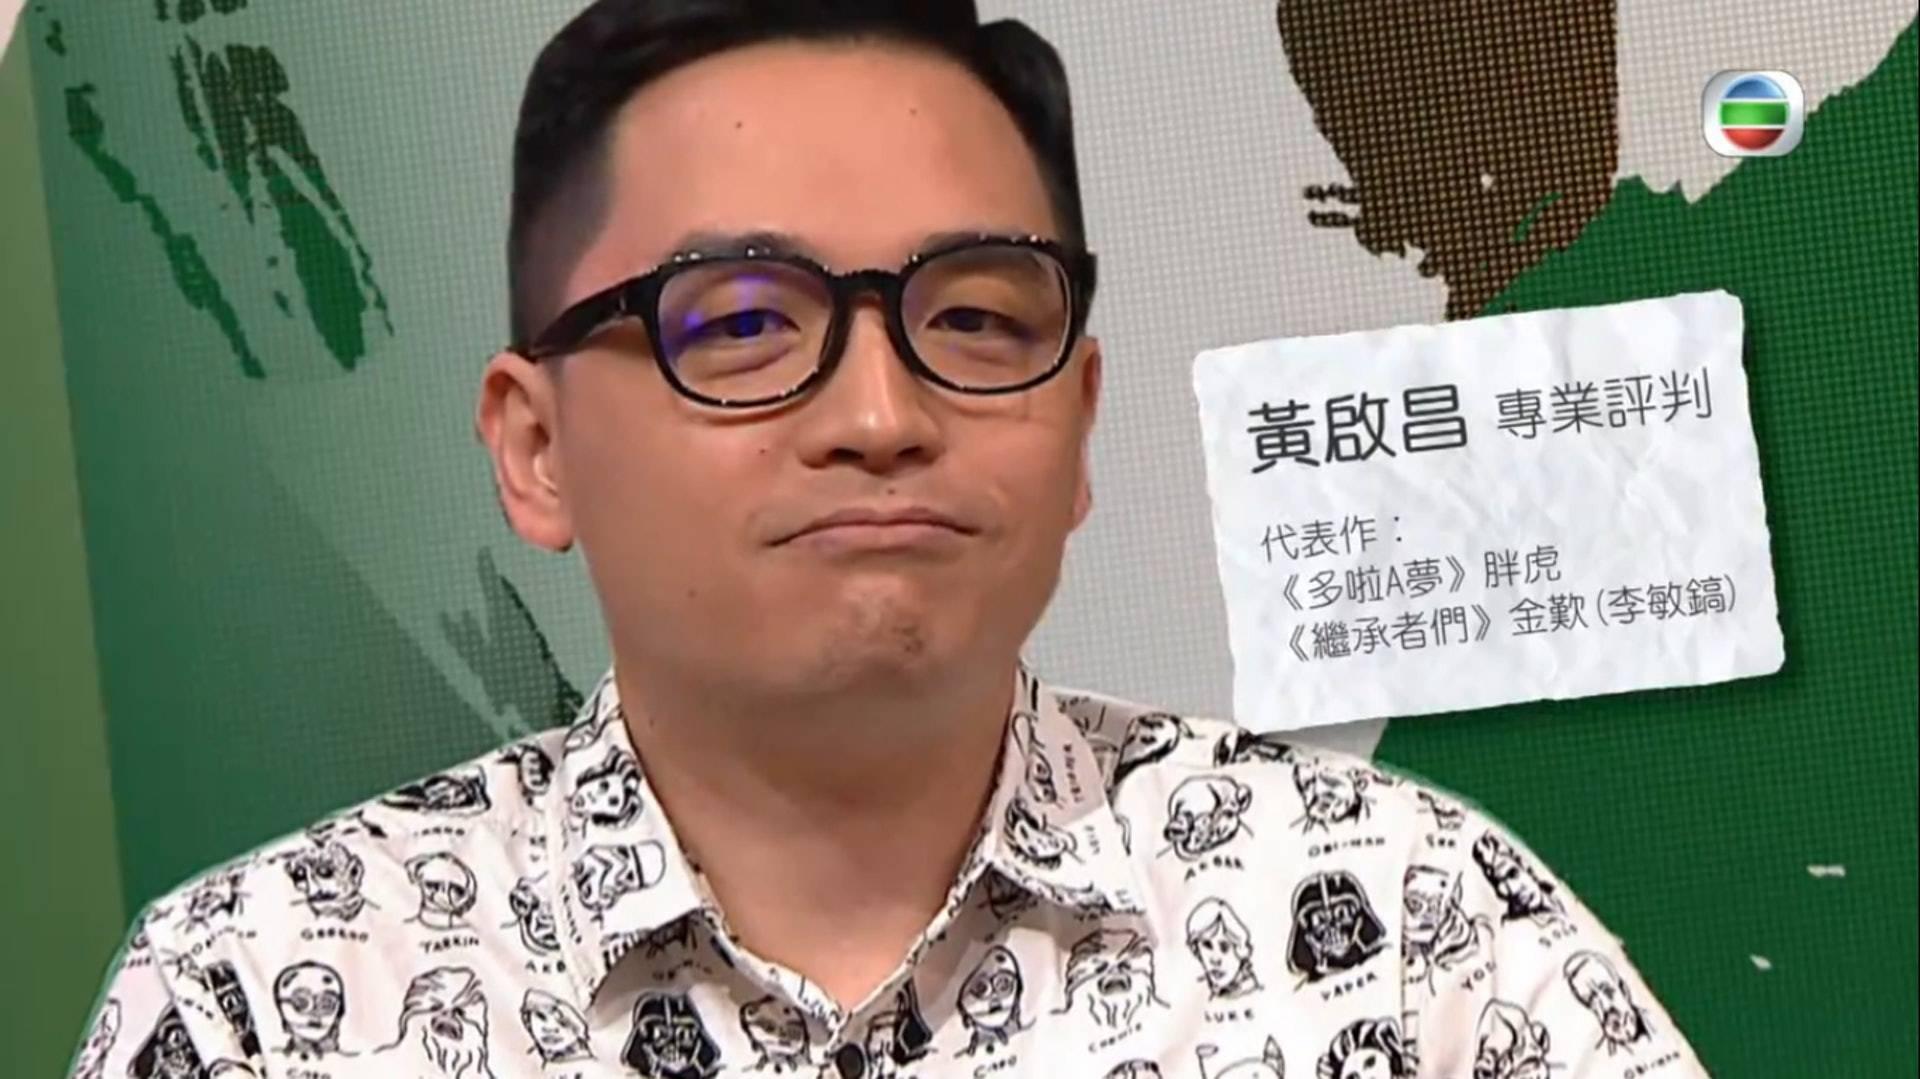 摩登6注册TVB声音竞演真人秀《好声好戏》近日正式开播,十二位艺人分成三组,比拼